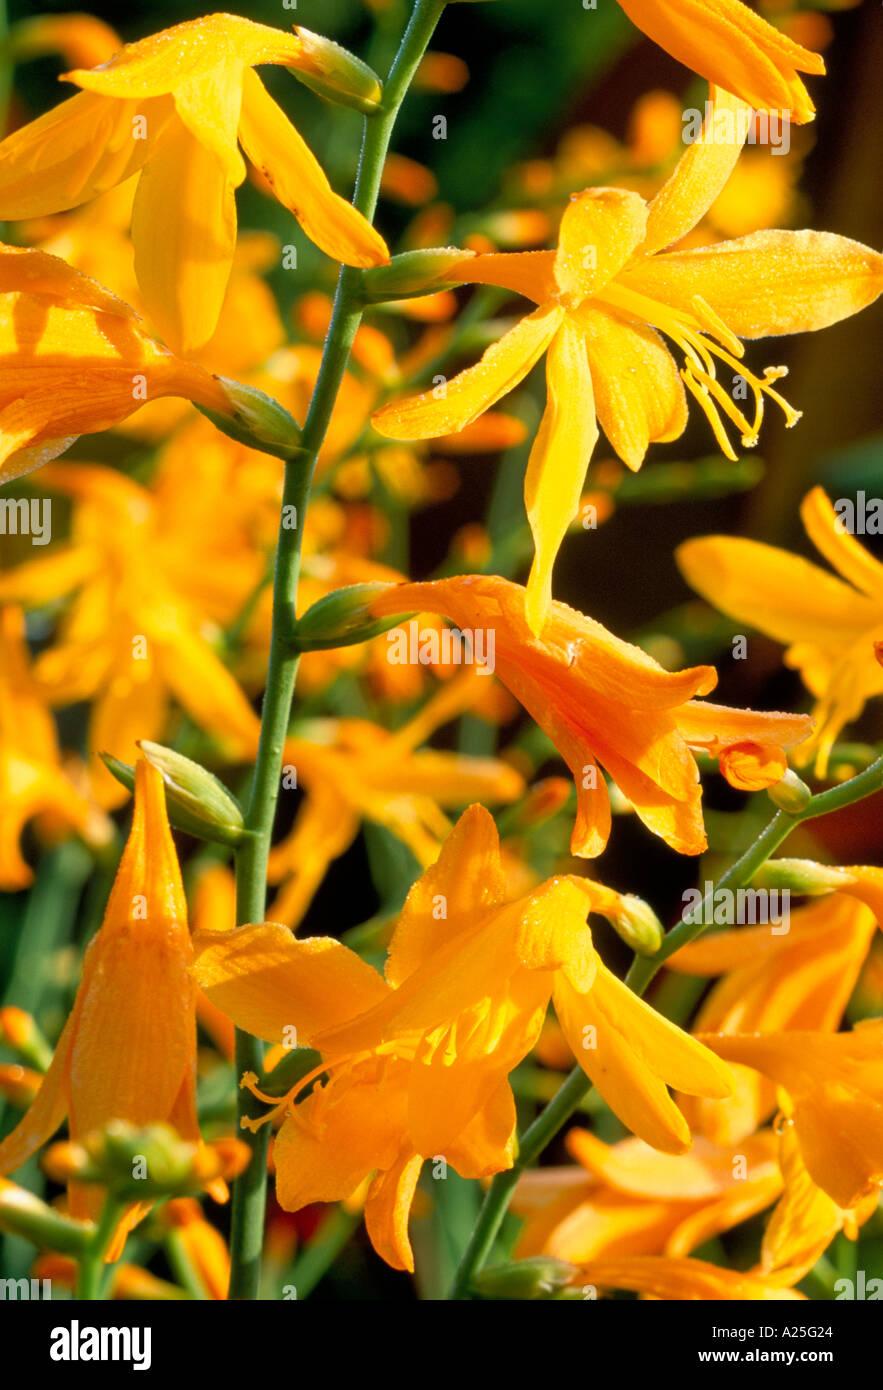 Crocosmia Golden Fleece - Stock Image